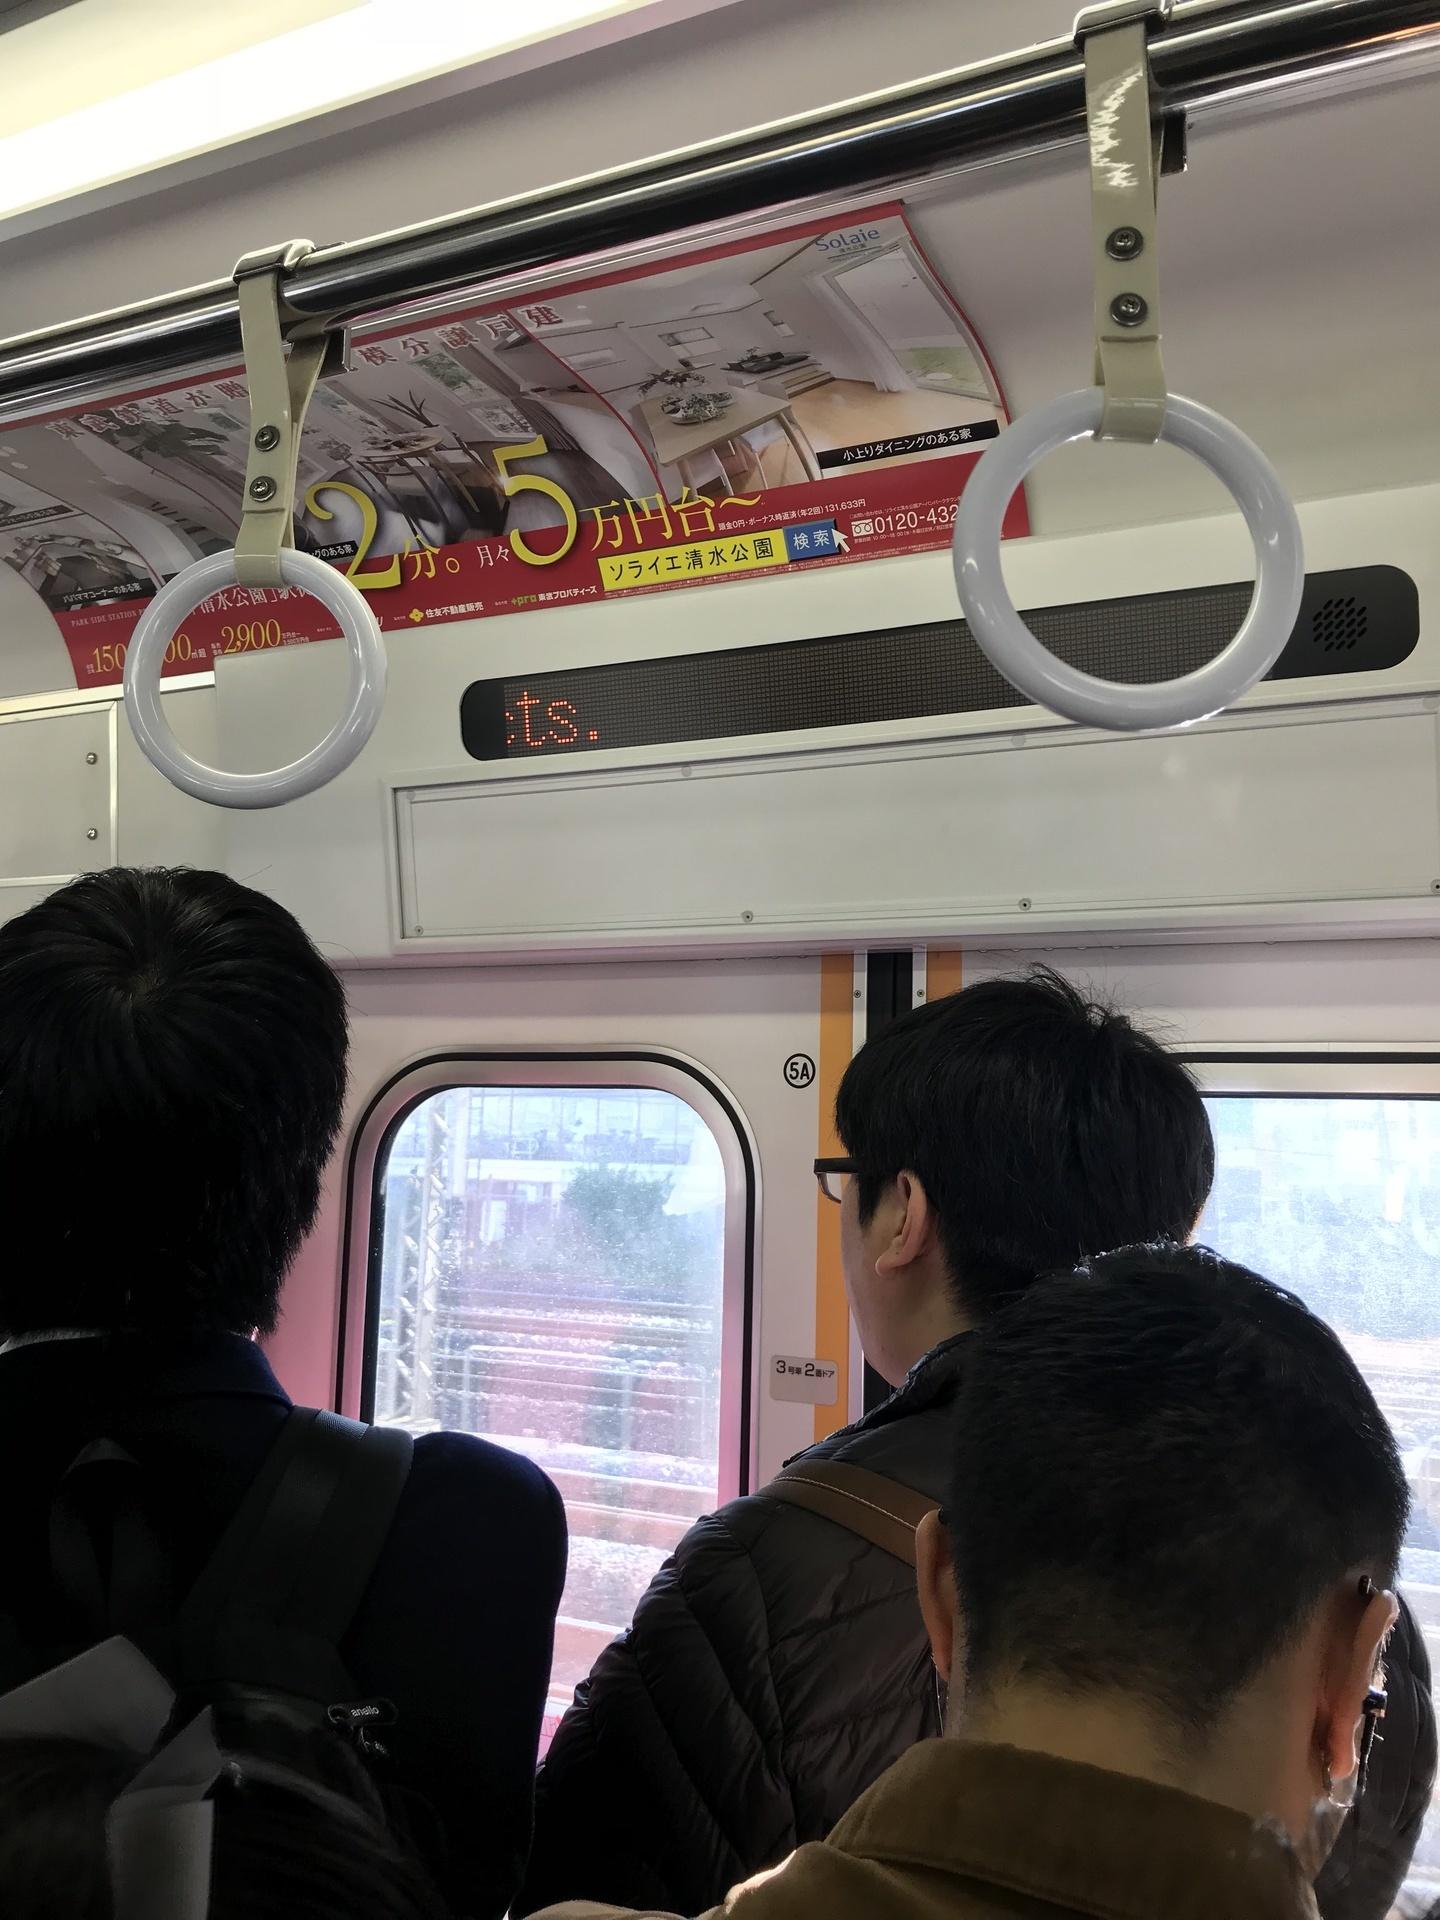 アナウンス 英語 電車